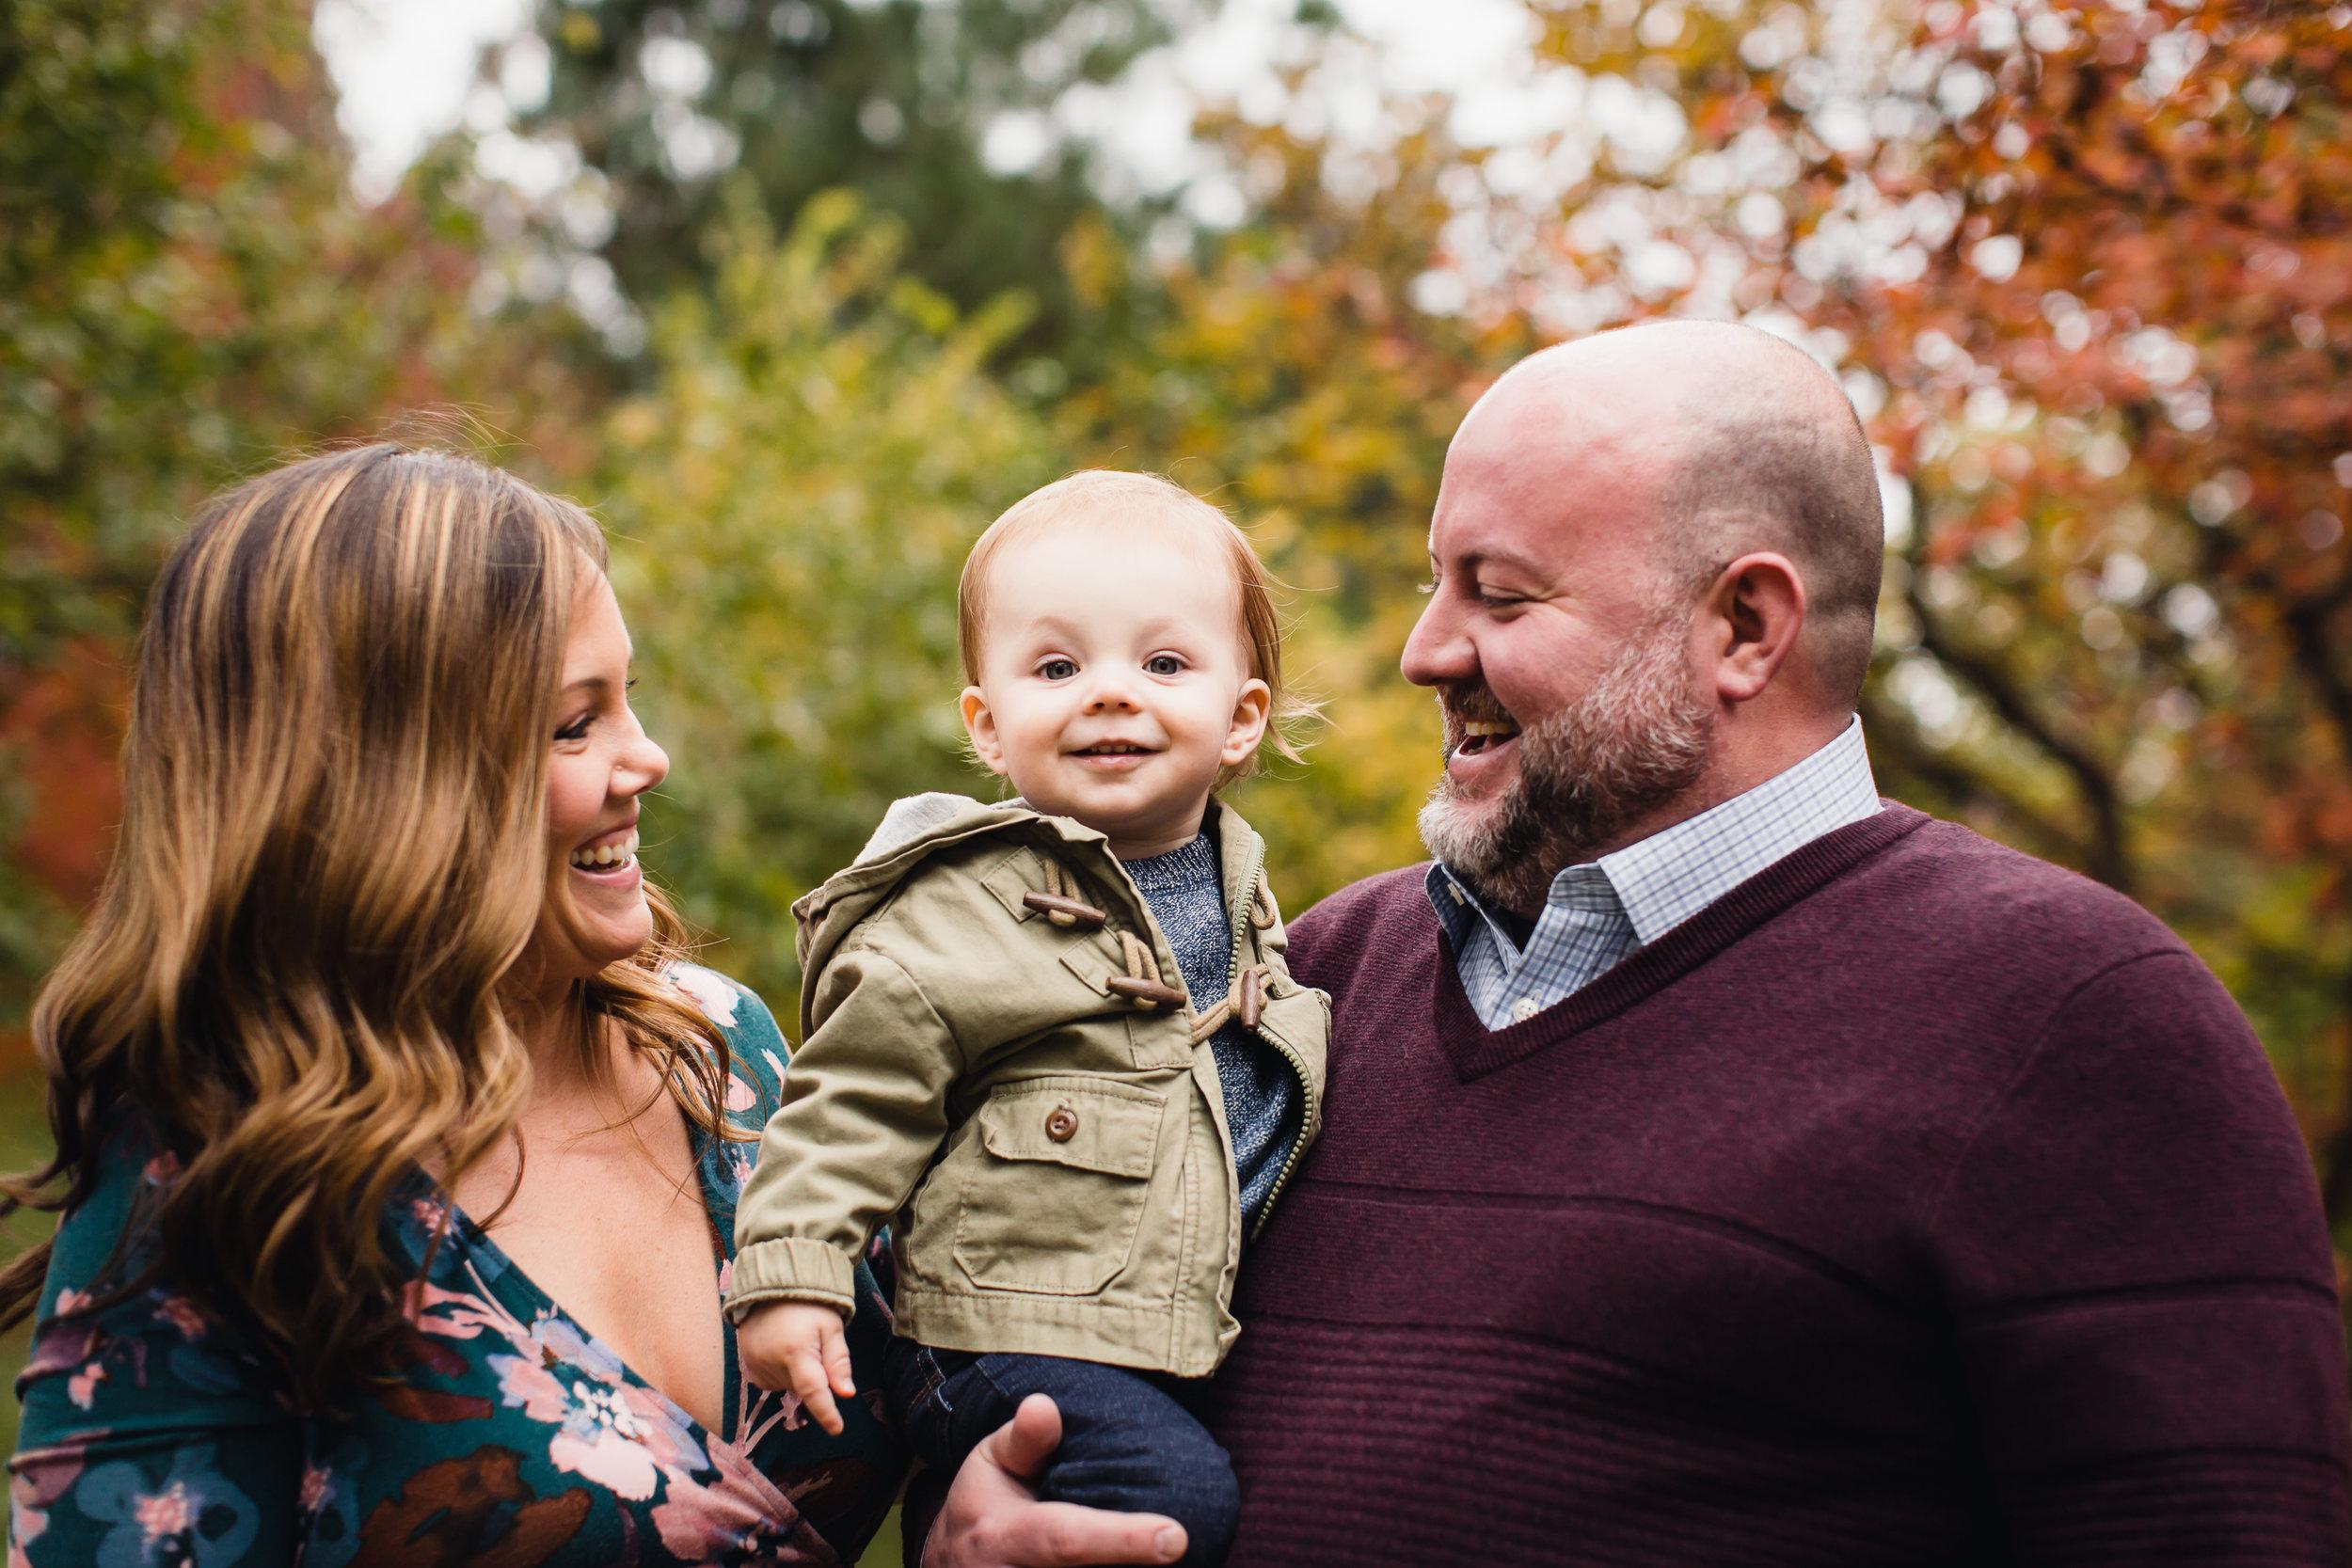 Gianna Keiko Atlanta Lifestyle Family Photographer-5.jpg